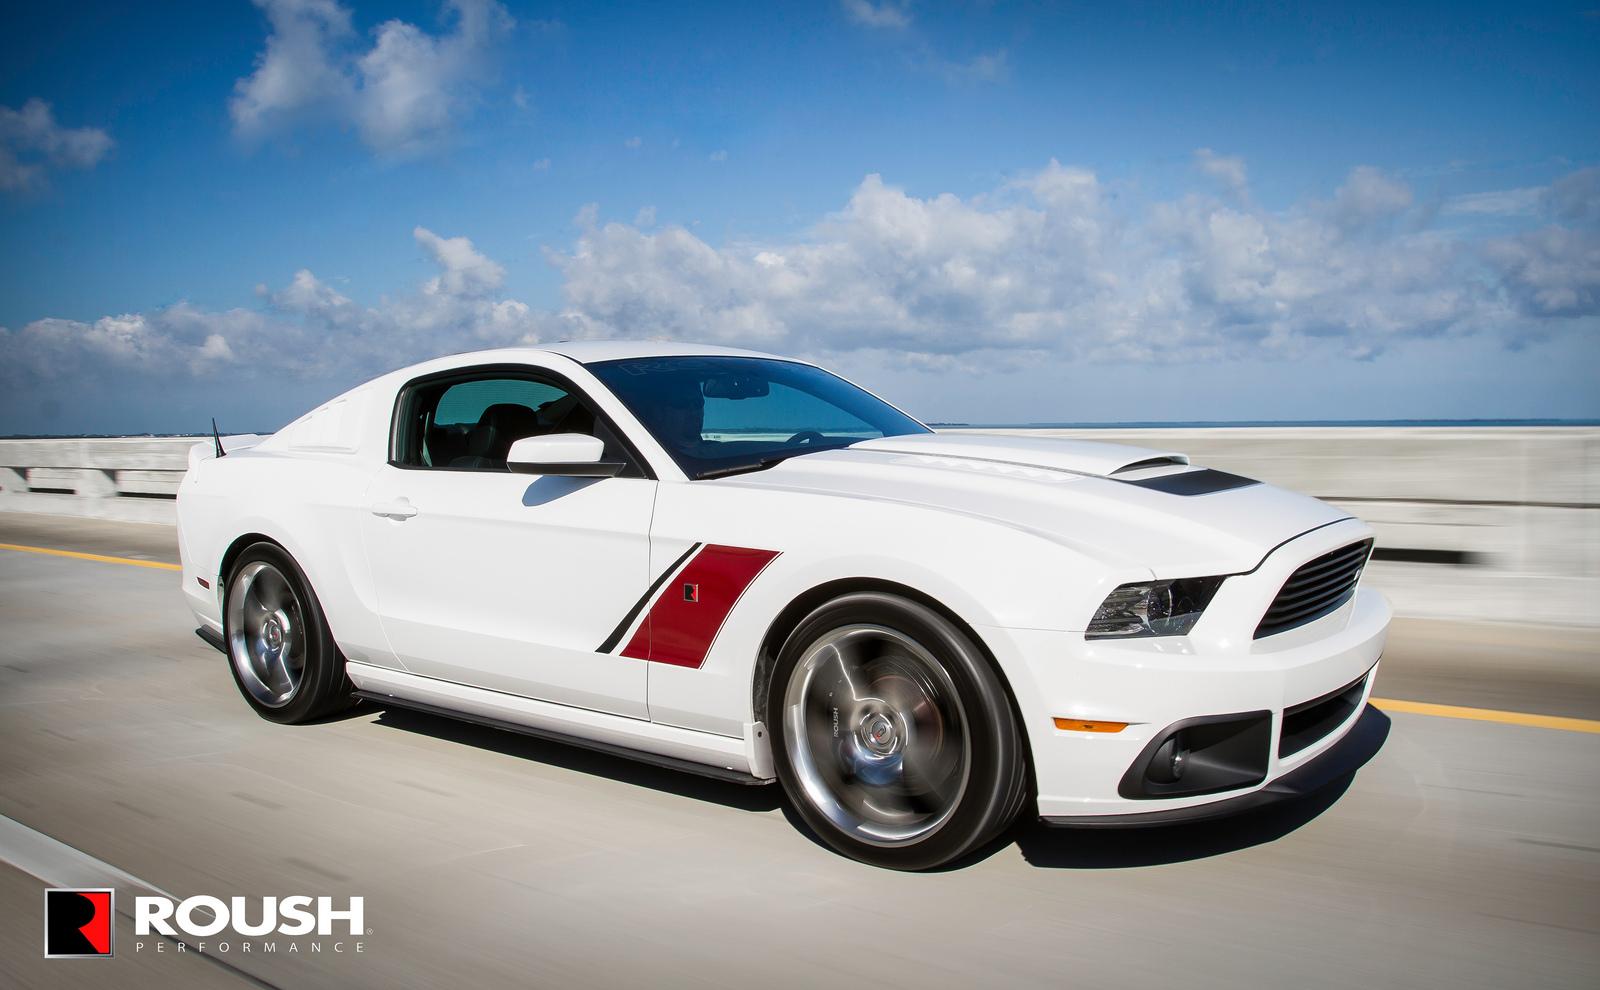 ROUSH Performance: 2014 ROUSH Mustang Starting Field